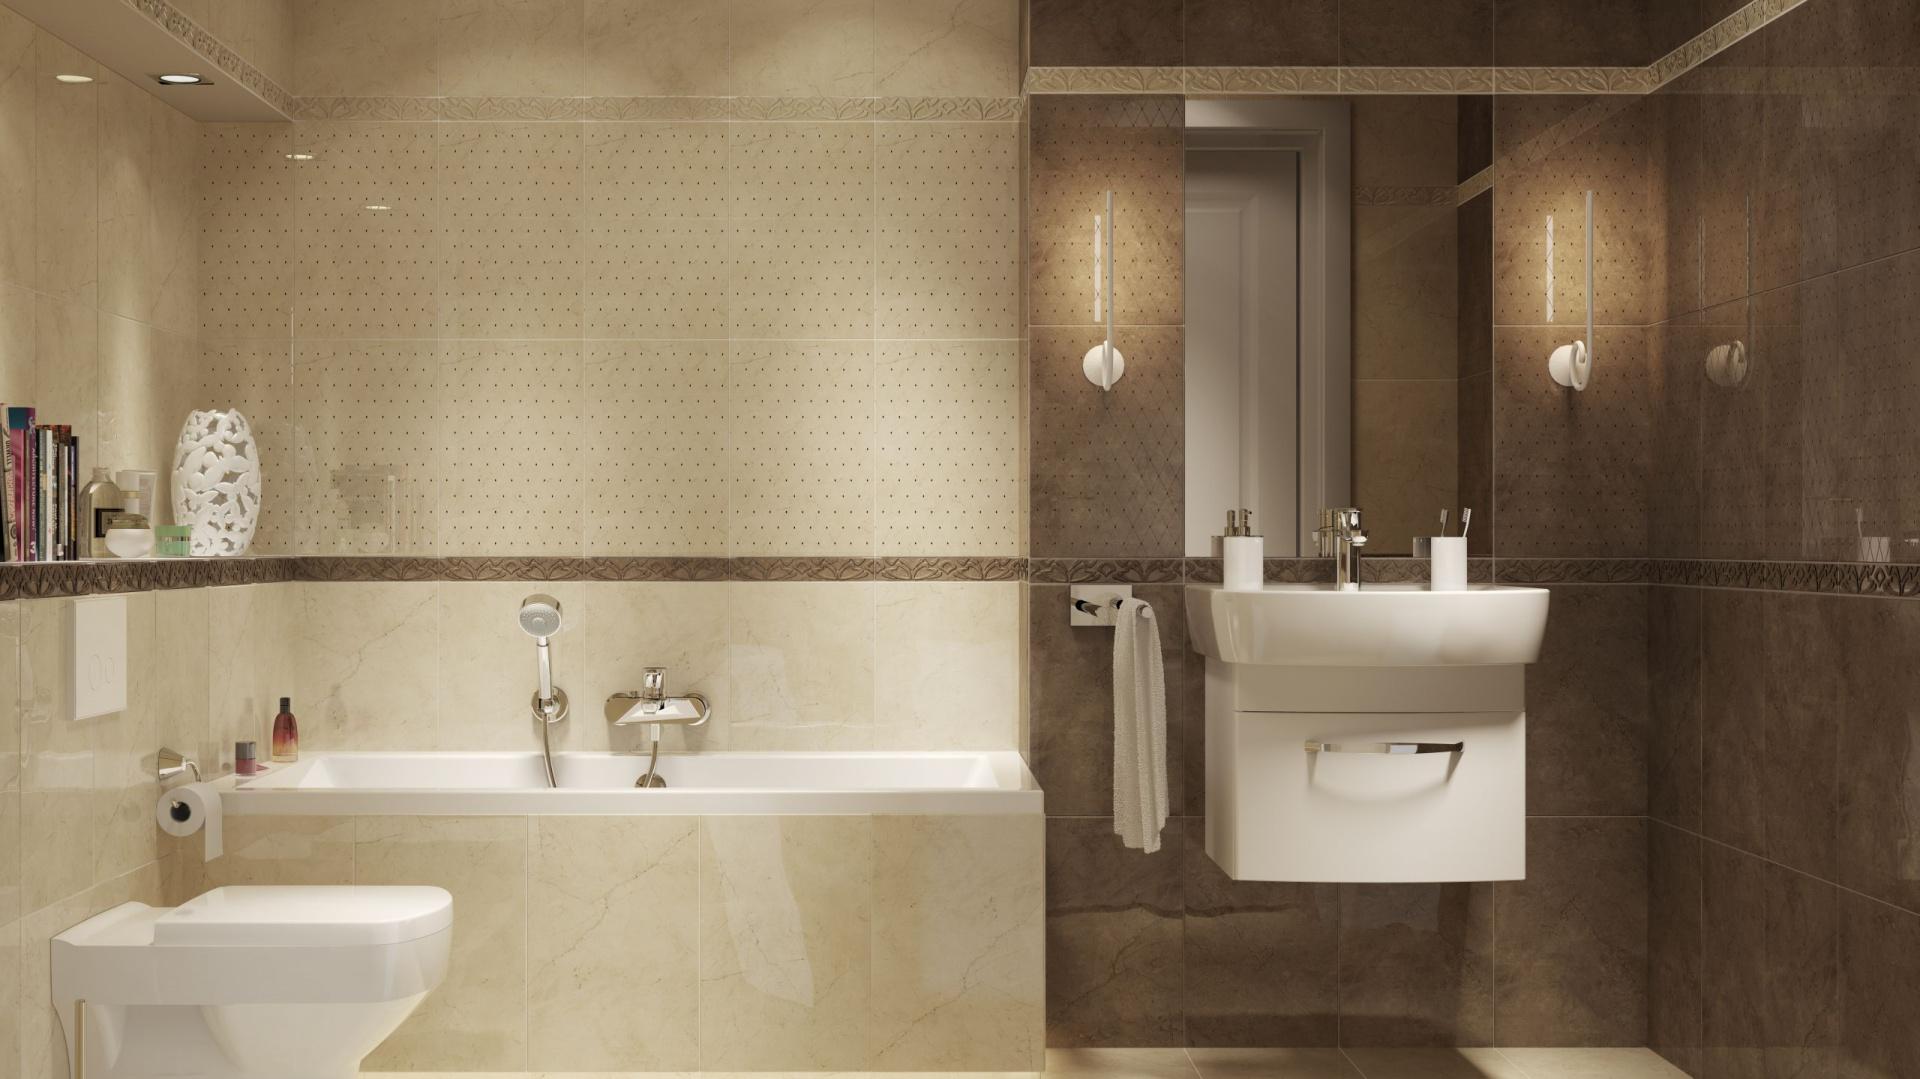 łazienka W Beżach I Brązach Zobacz 15 Kolekcji Płytek